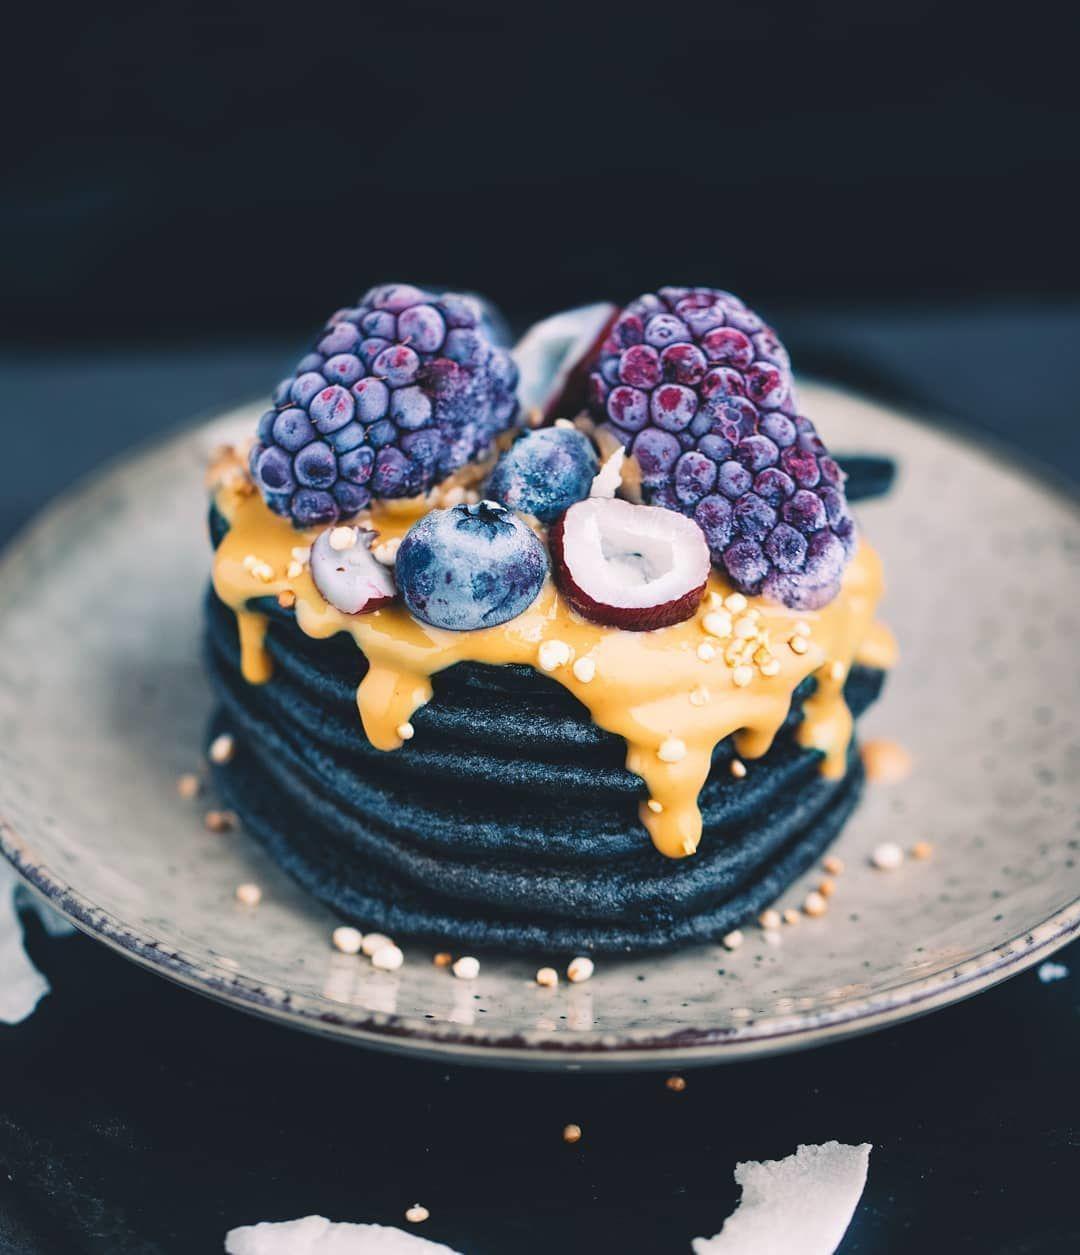 10 Makanan Ini Cocok Banget Untuk Kamu yang Ingin Mulai Hidup Sehat